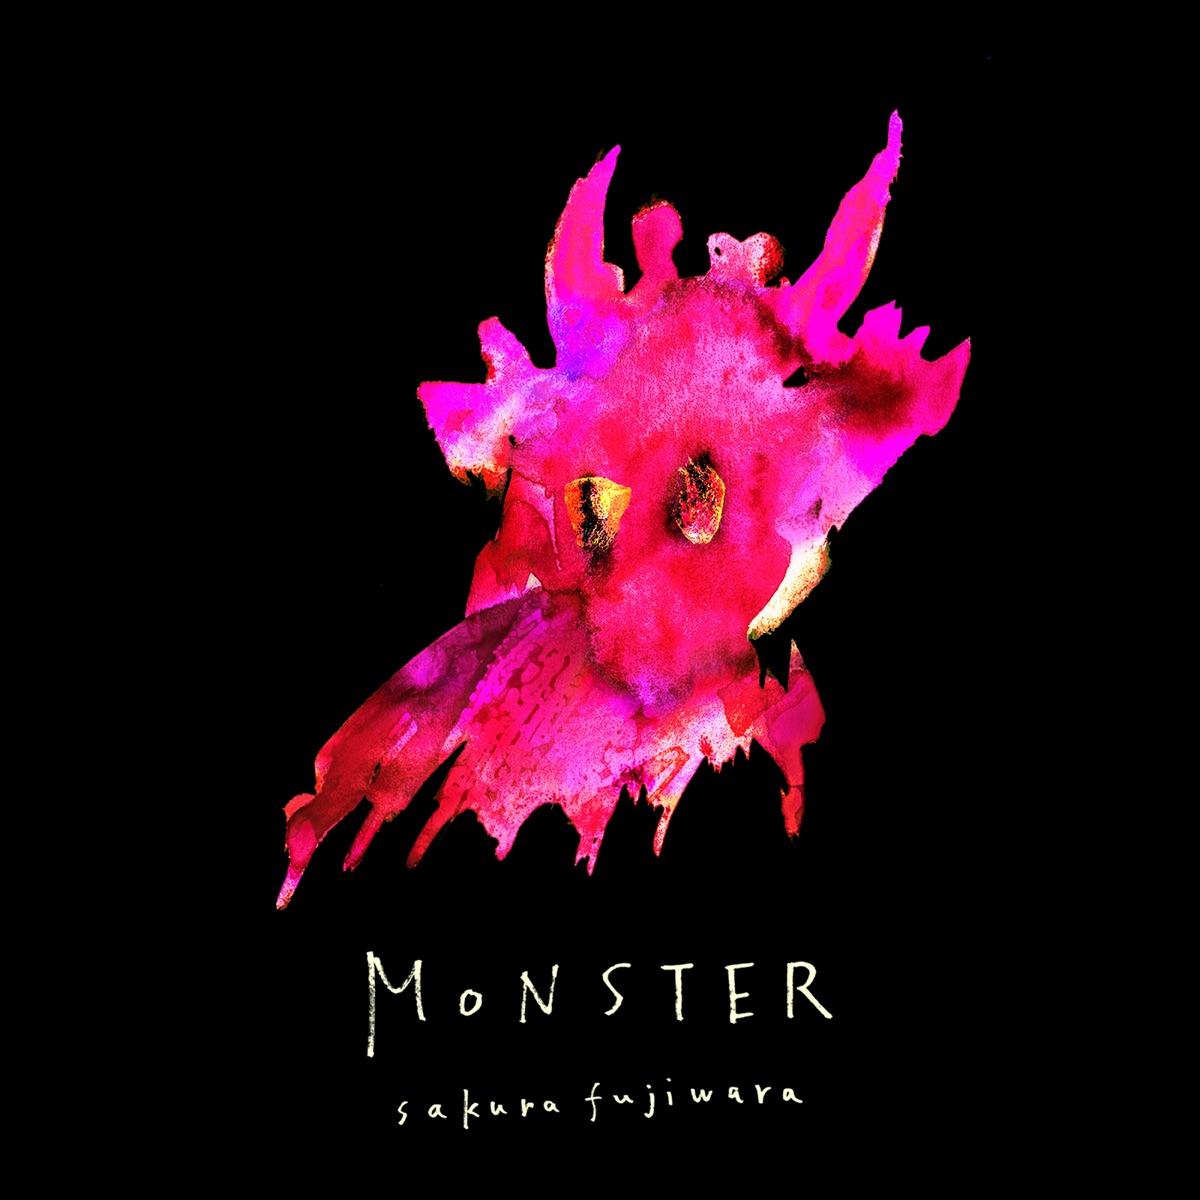 『藤原さくら - Monster』収録の『Monster』ジャケット